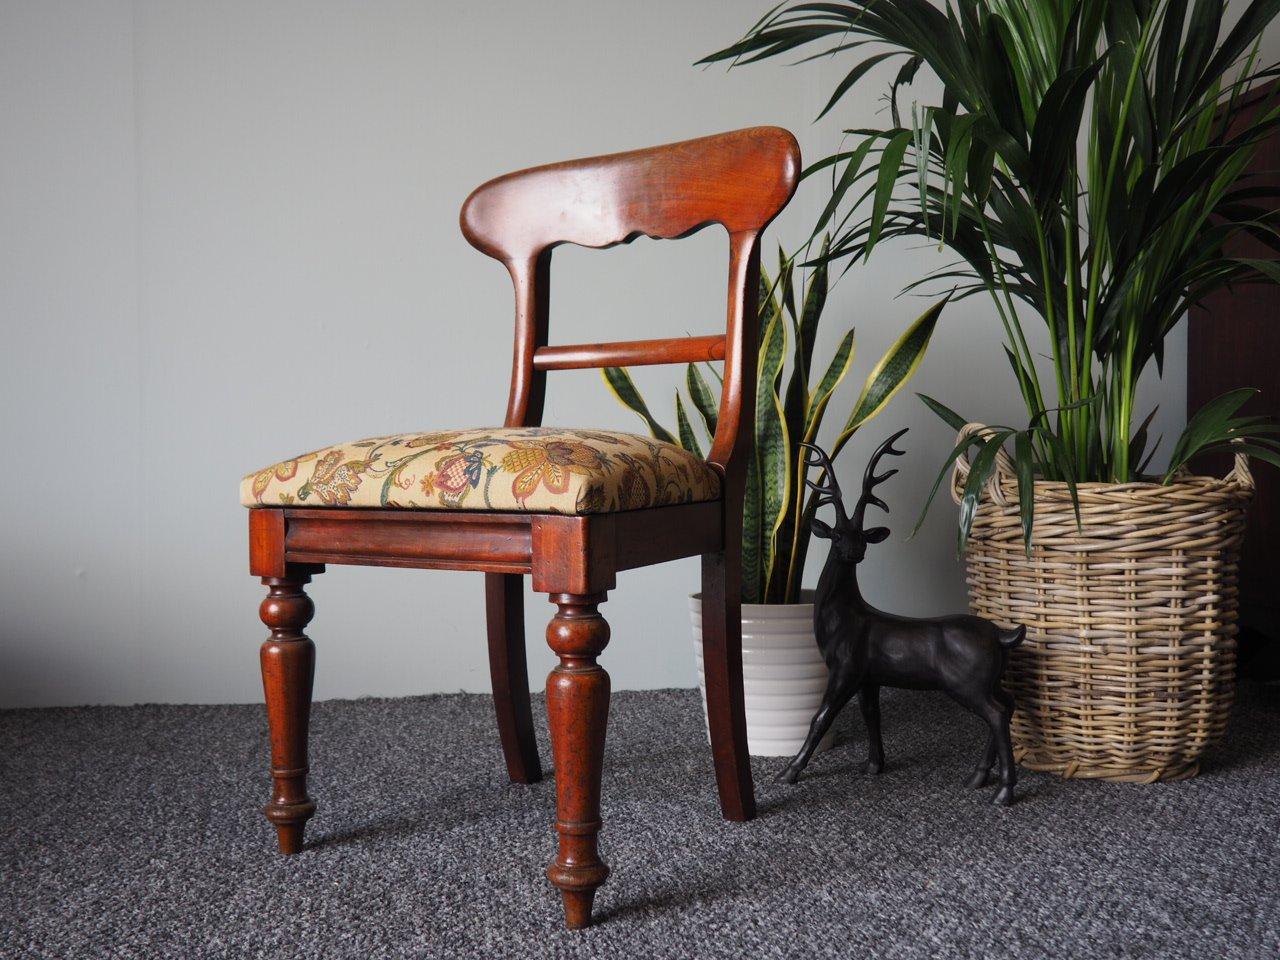 chaise de salle manger victorienne en acajou avec tissu dameublement floral